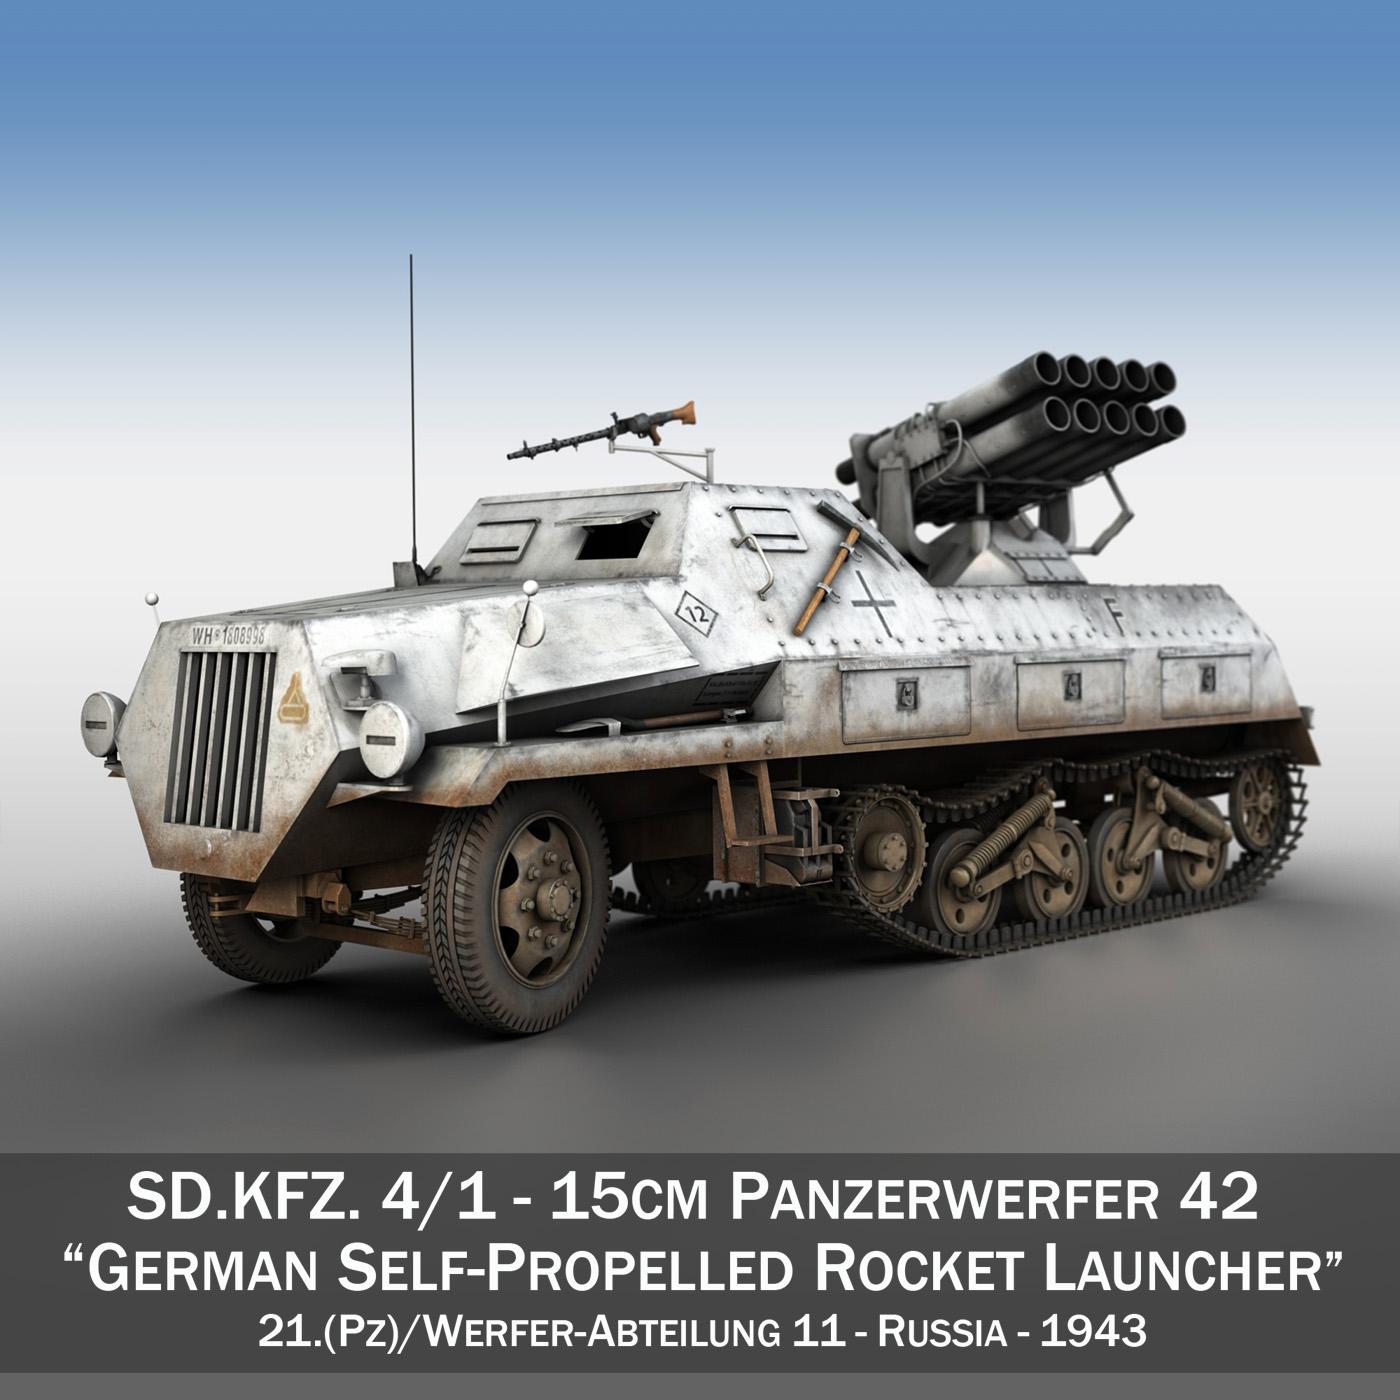 SDKFZ 4/1 - Panzerwerfer 42 - WA11 3d model 3ds fbx c4d lwo lws lw obj 269347